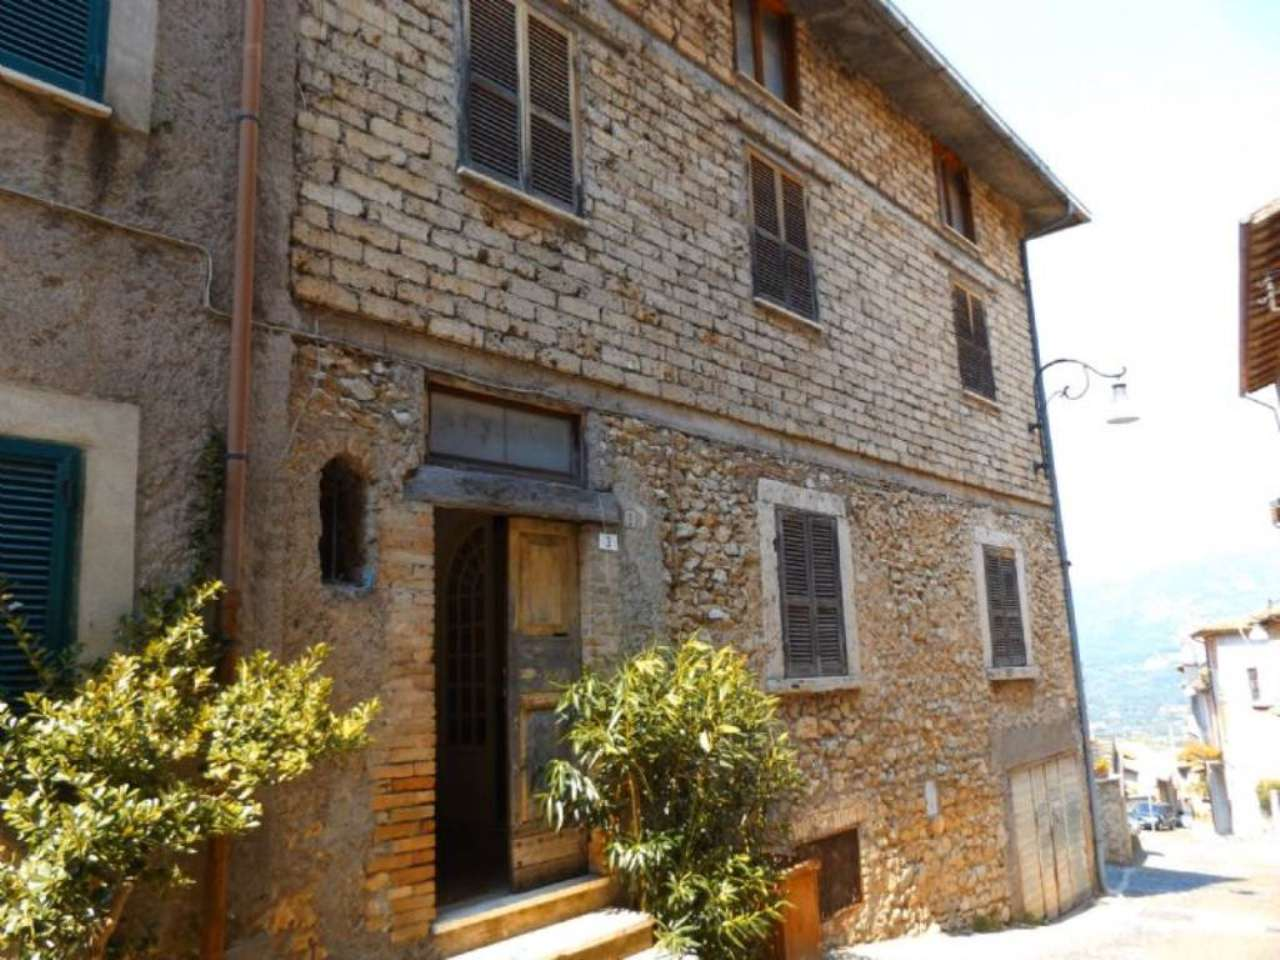 Palazzo / Stabile in vendita a Anticoli Corrado, 5 locali, prezzo € 169.000 | Cambio Casa.it